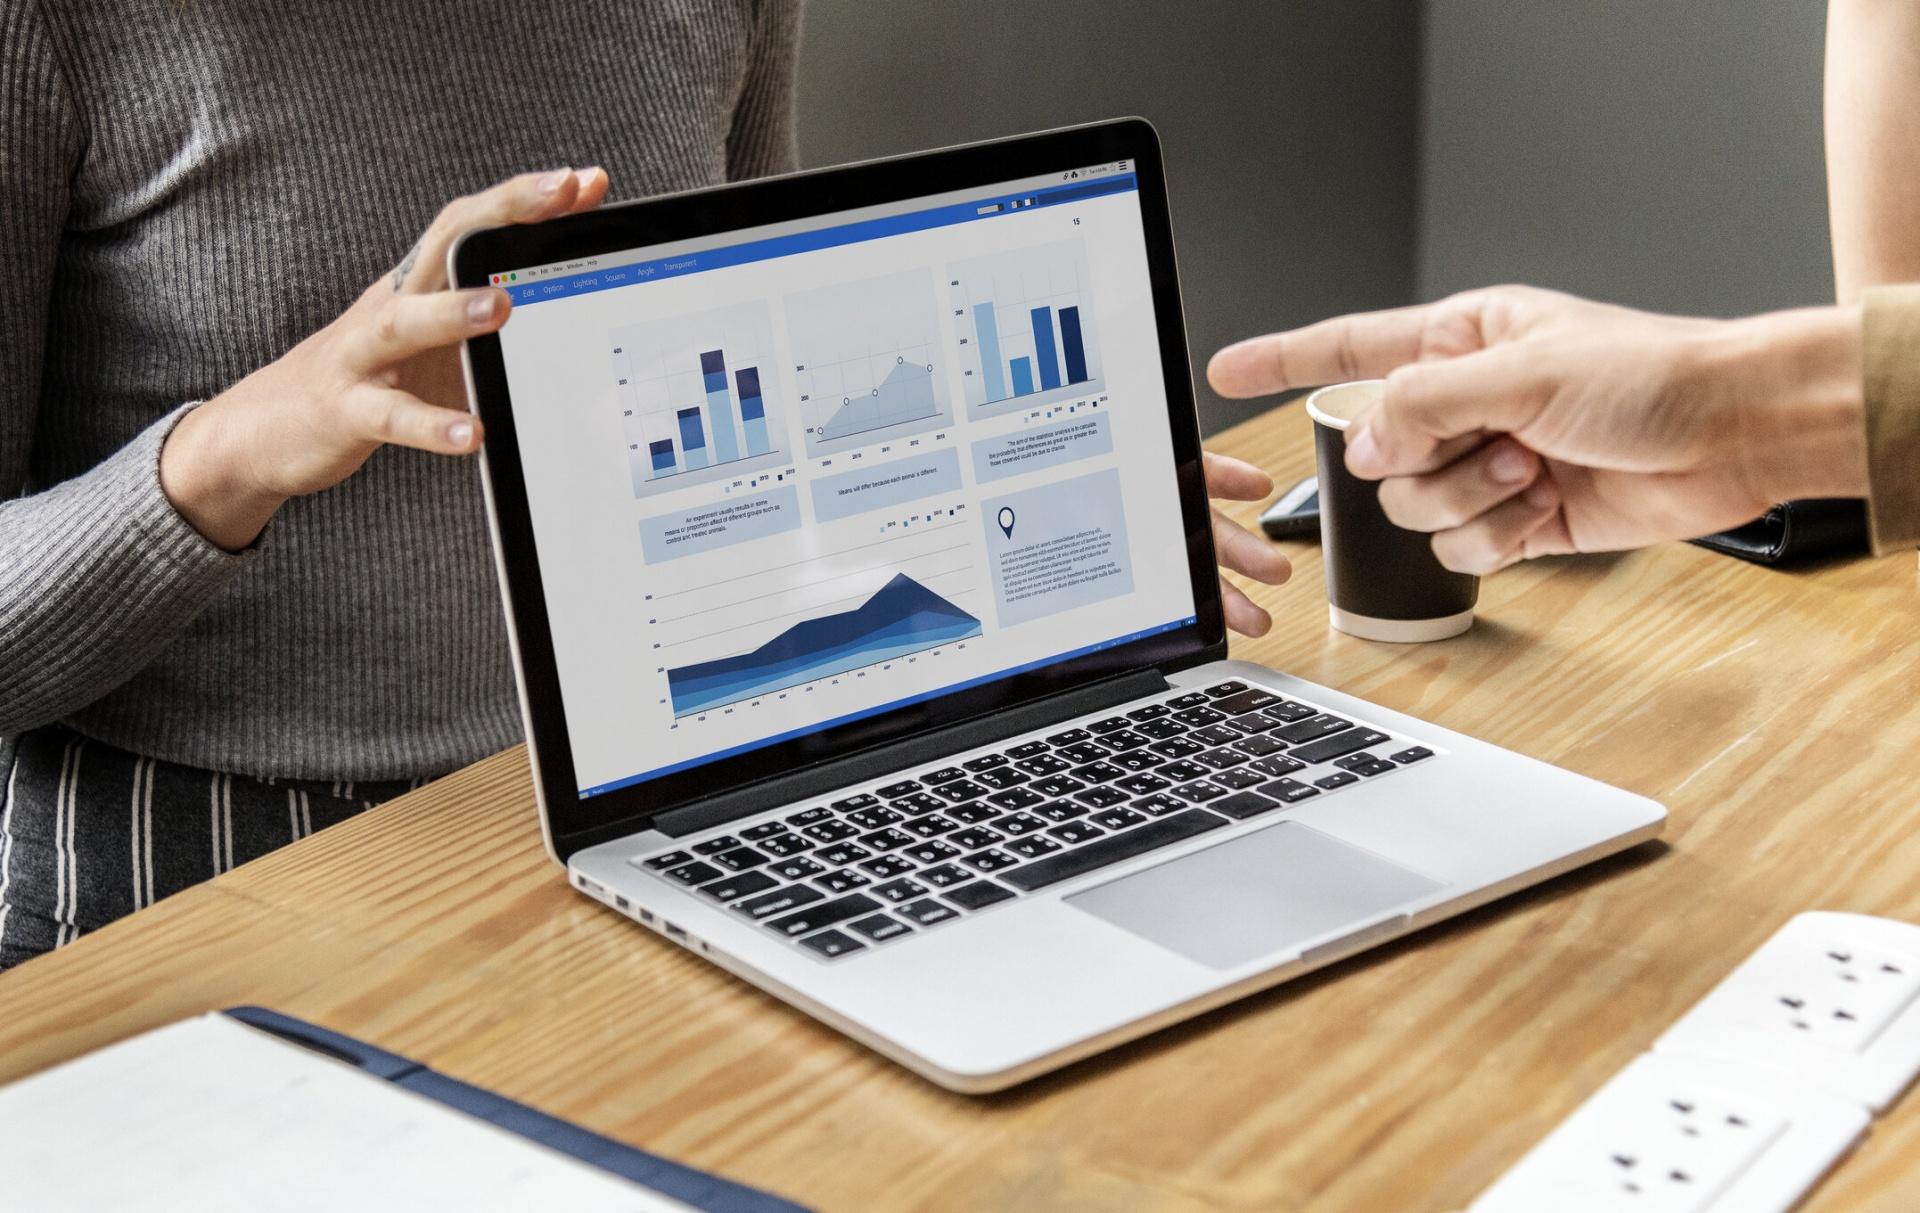 Gestão de dados é tendência na nova economia e representa grande diferencial no currículo.